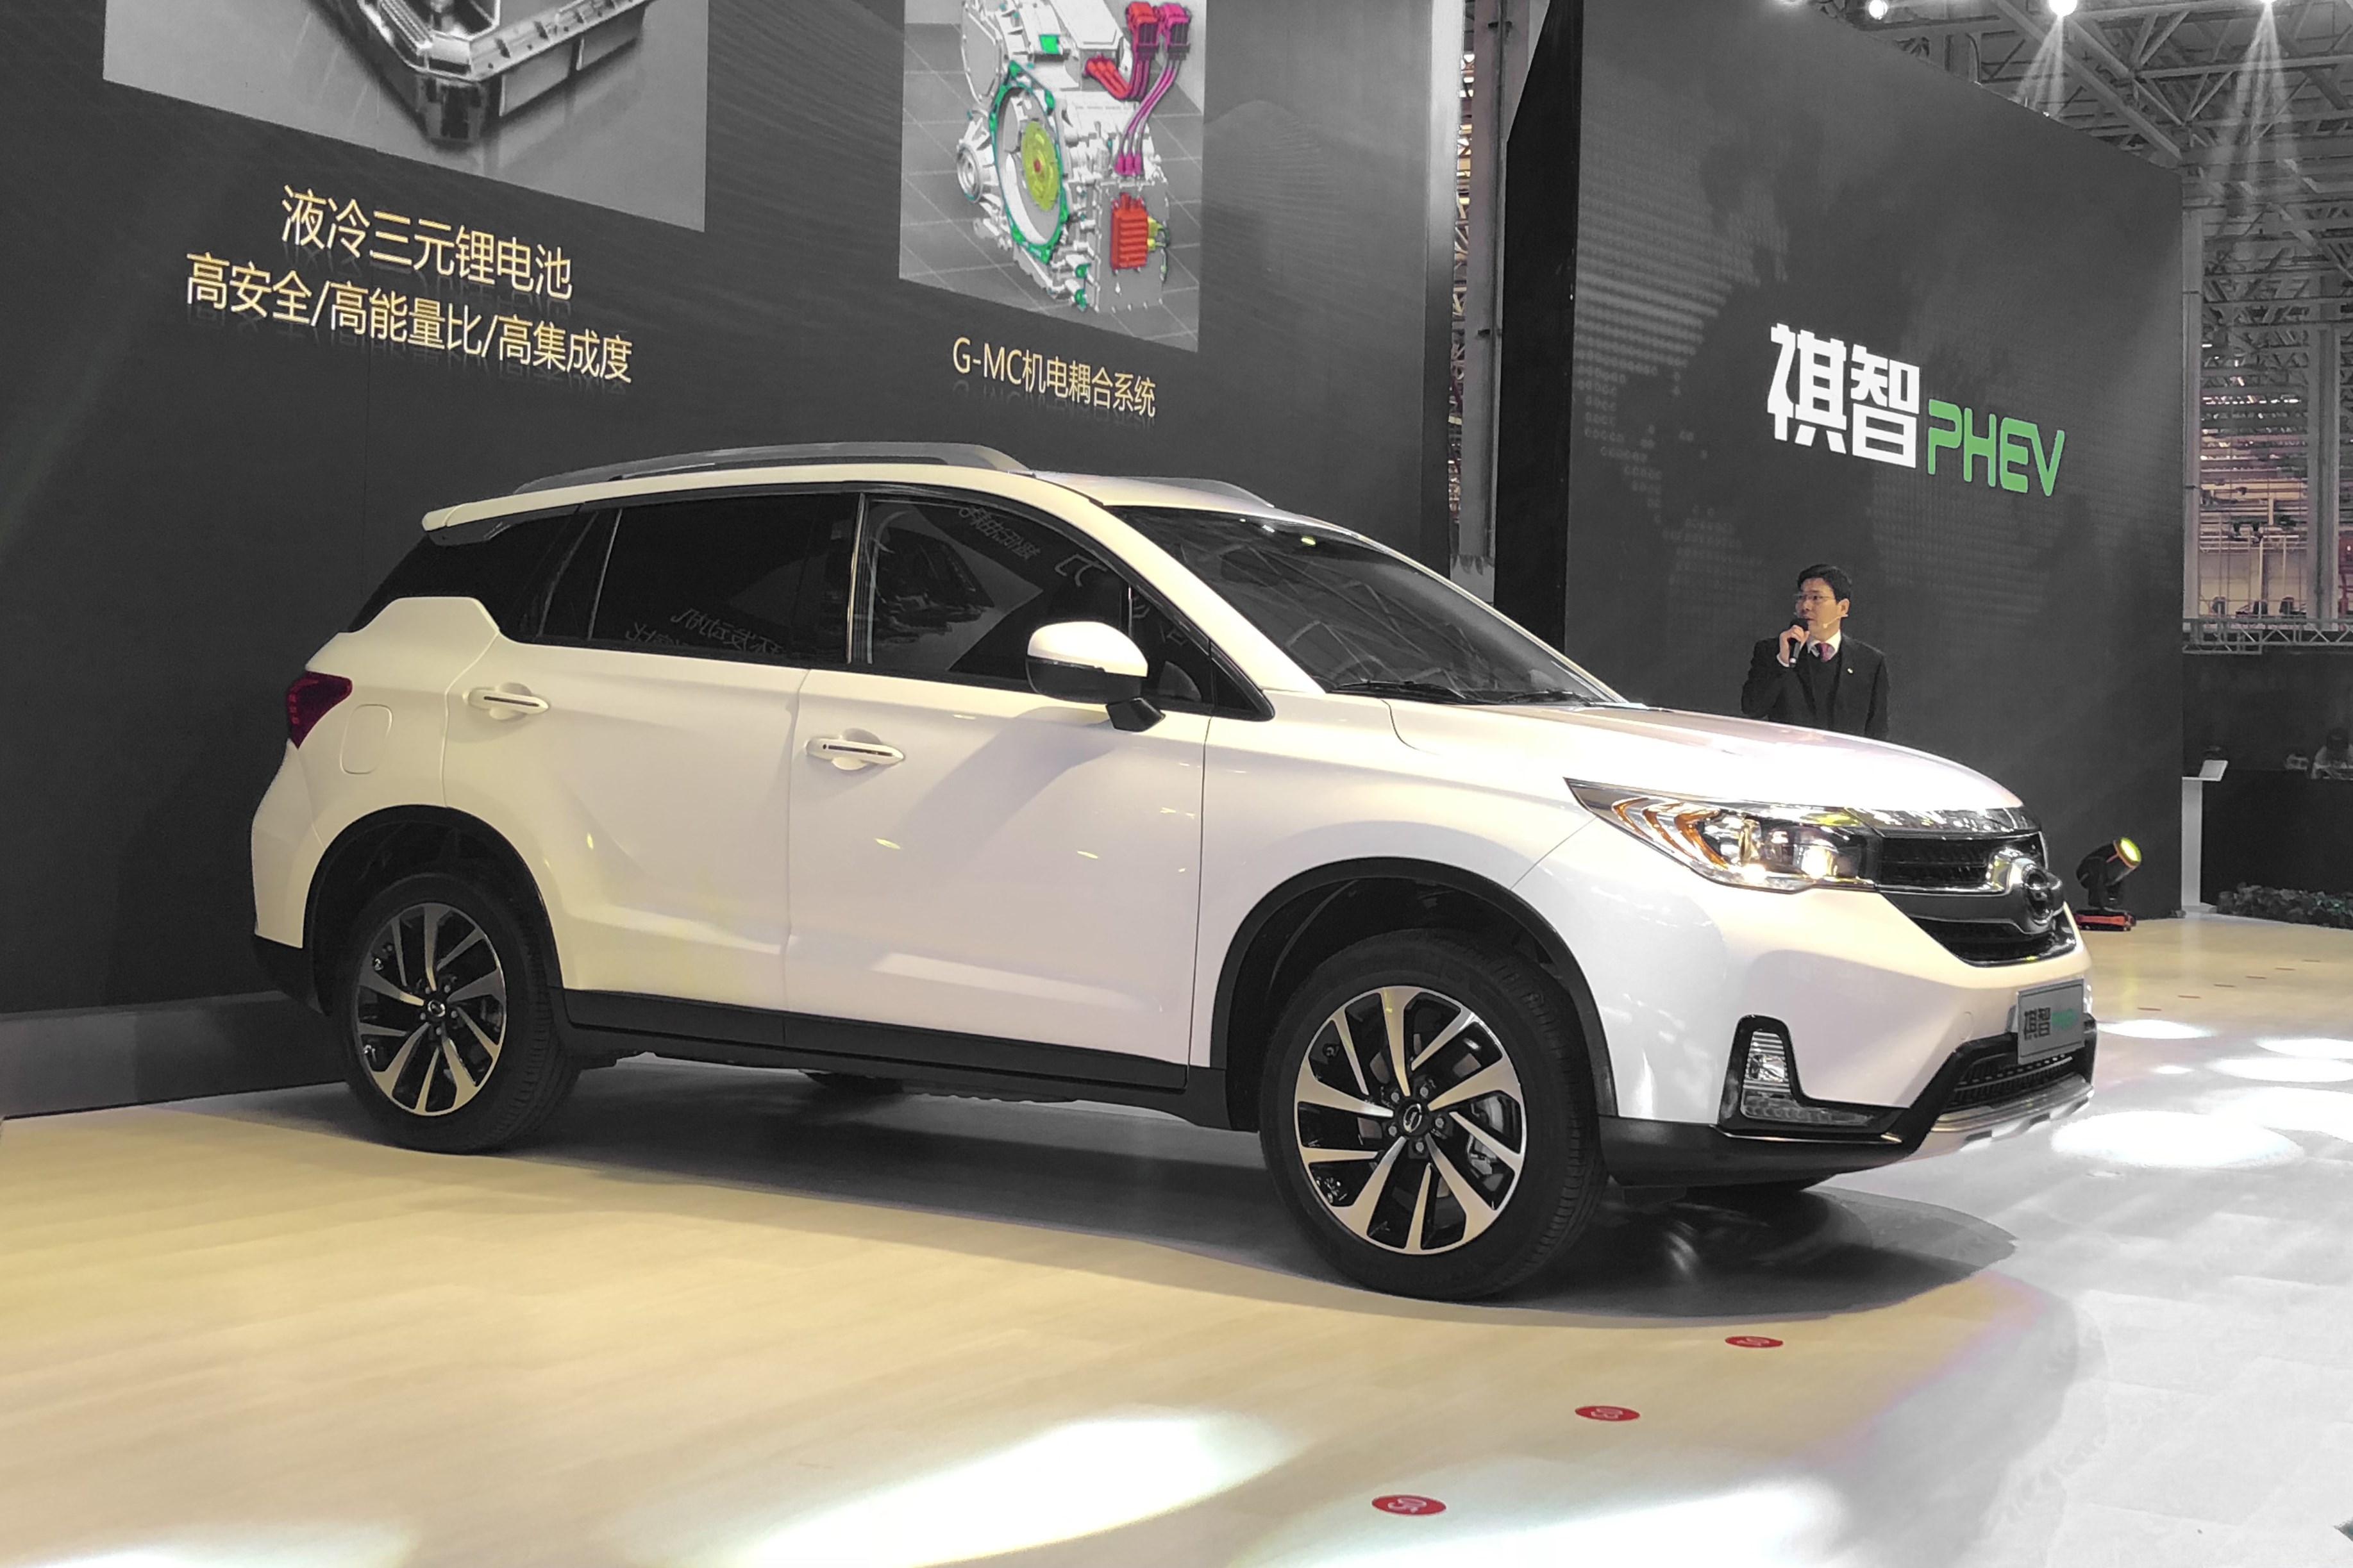 广汽三菱祺智PHEV正式上市 售20.98-21.98万元/纯电续航58km